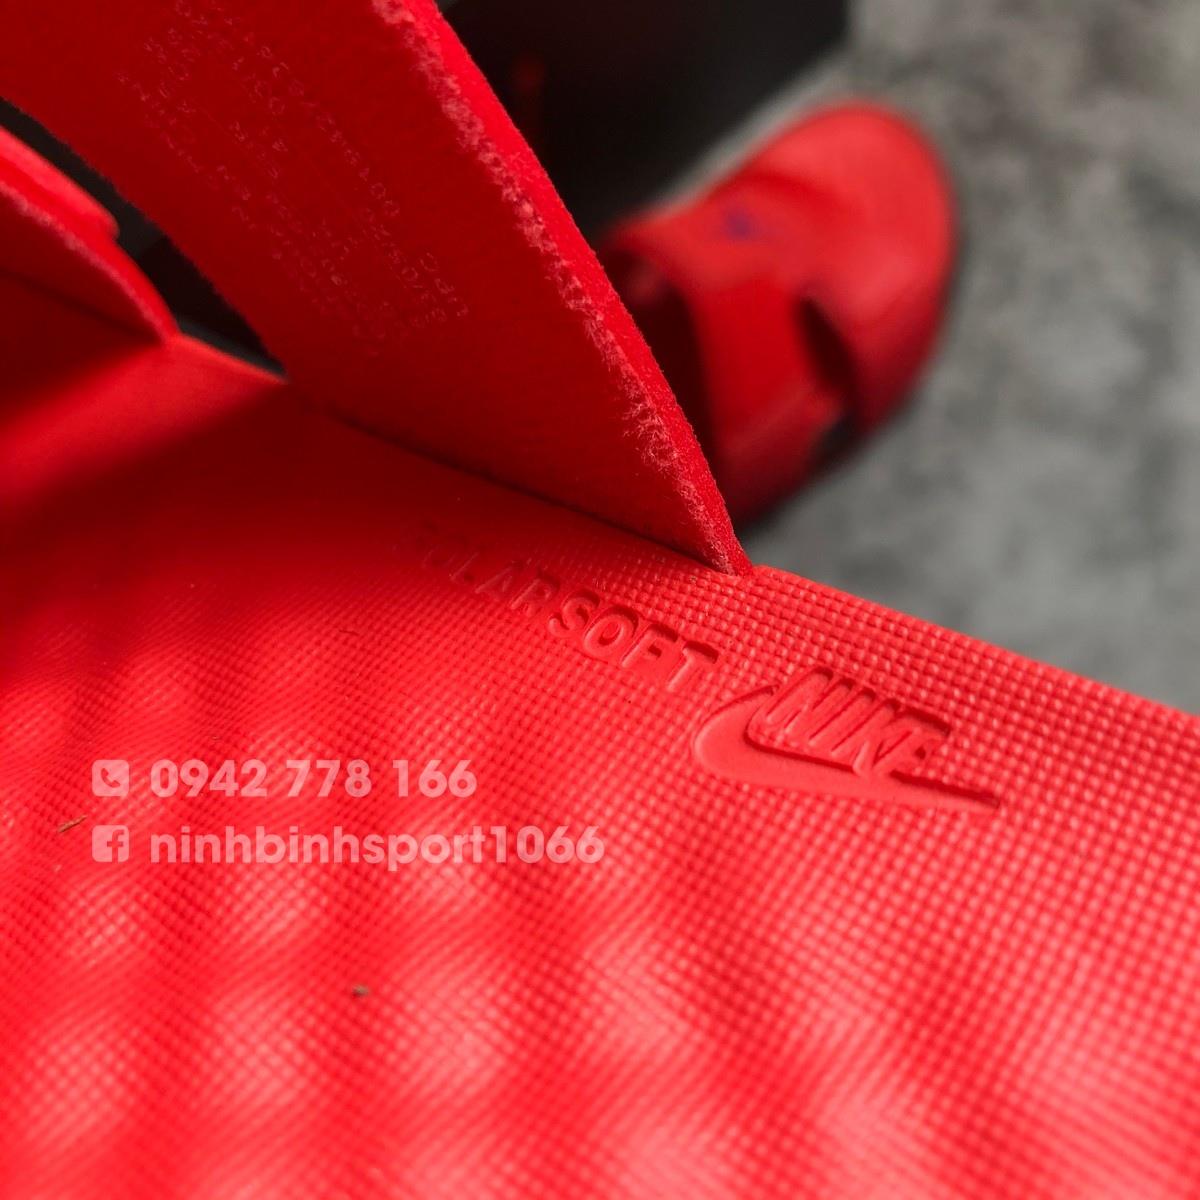 Dép thể thao nam Nike Jordan Hydro 8 CD2803-604